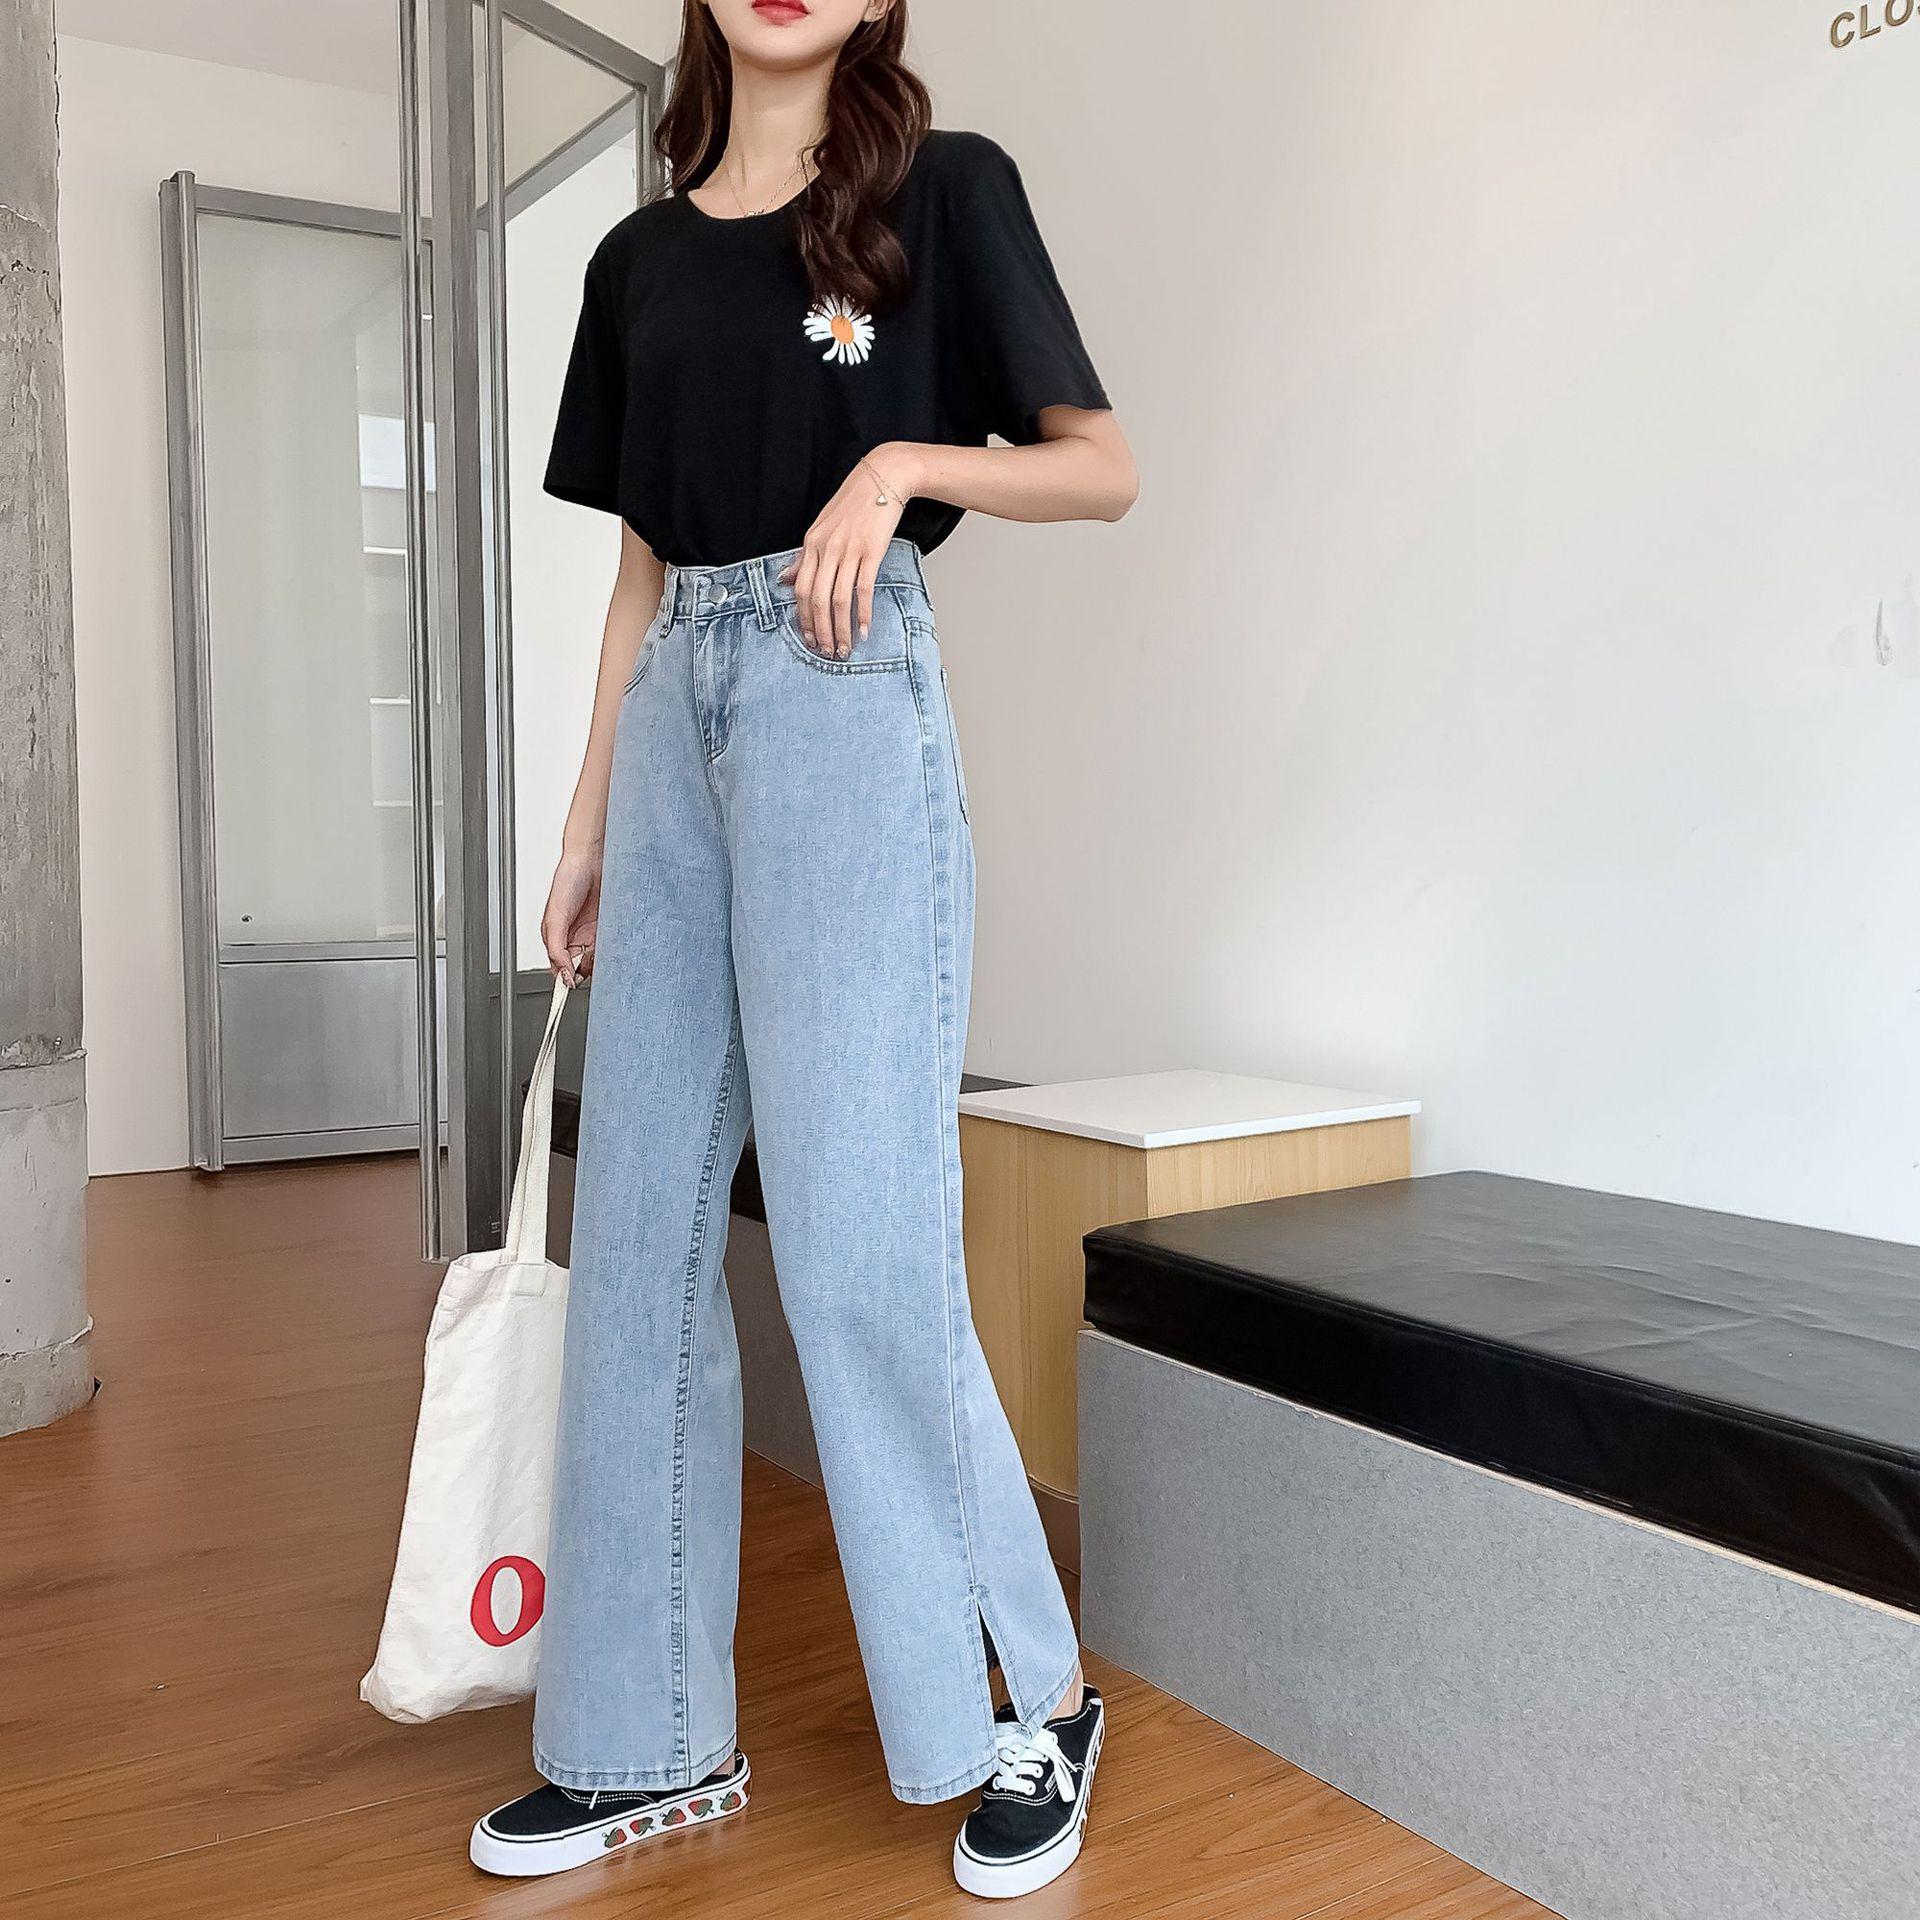 GoneGoing 2020 Summer Women High Split Denim Pants Straight Wide Leg Plus Size Full Length Jeans 070706